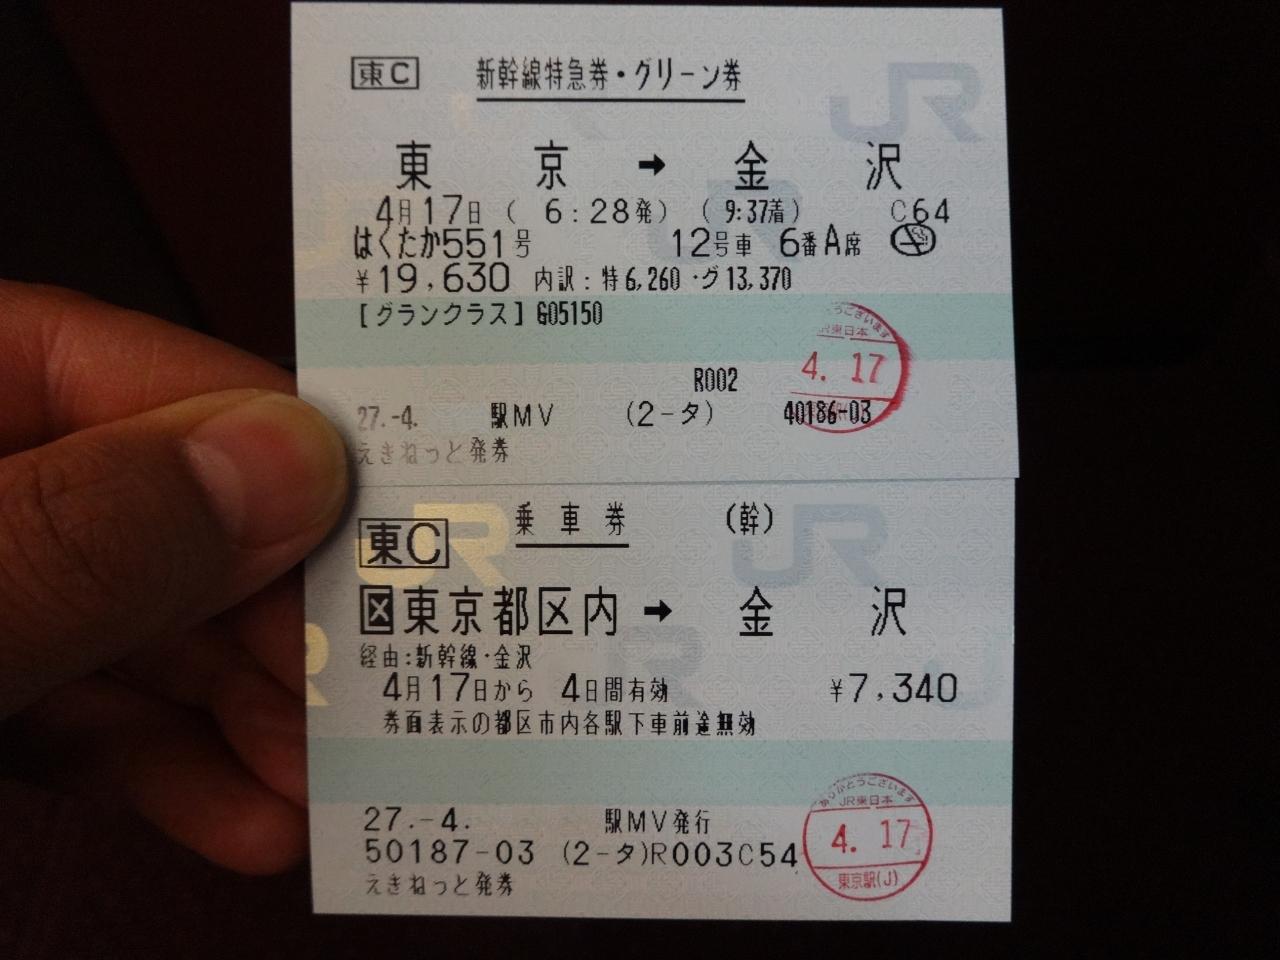 北陸 新幹線 グラン クラス 料金